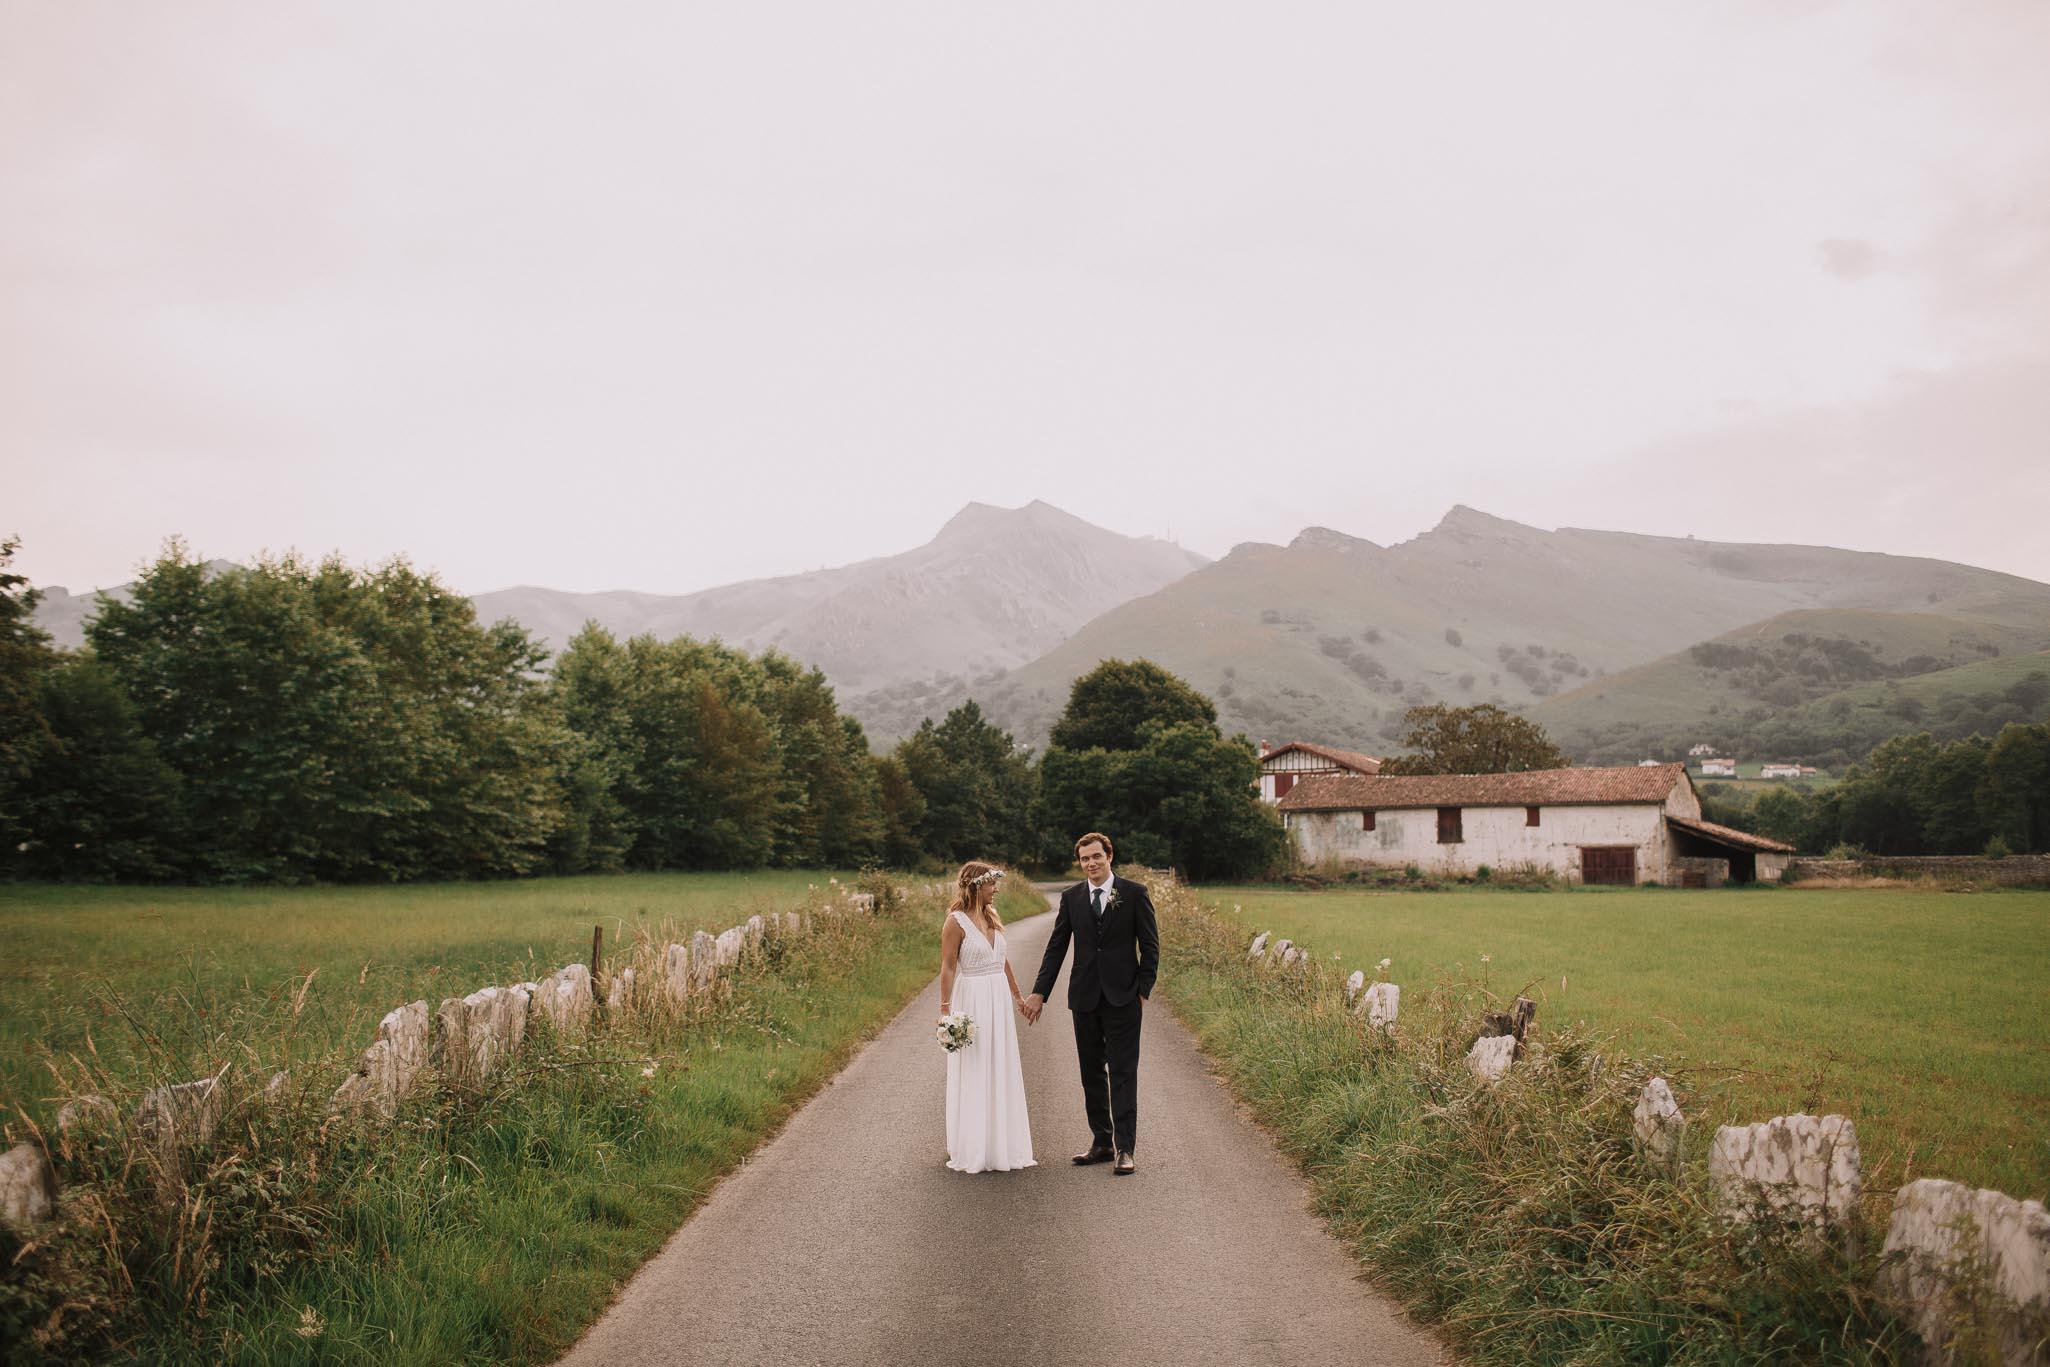 Photographe-mariage-bordeaux-jeremy-boyer-pays-basque-ihartze-artea-sare-robe-eleonore-pauc-couple-amour-119.jpg